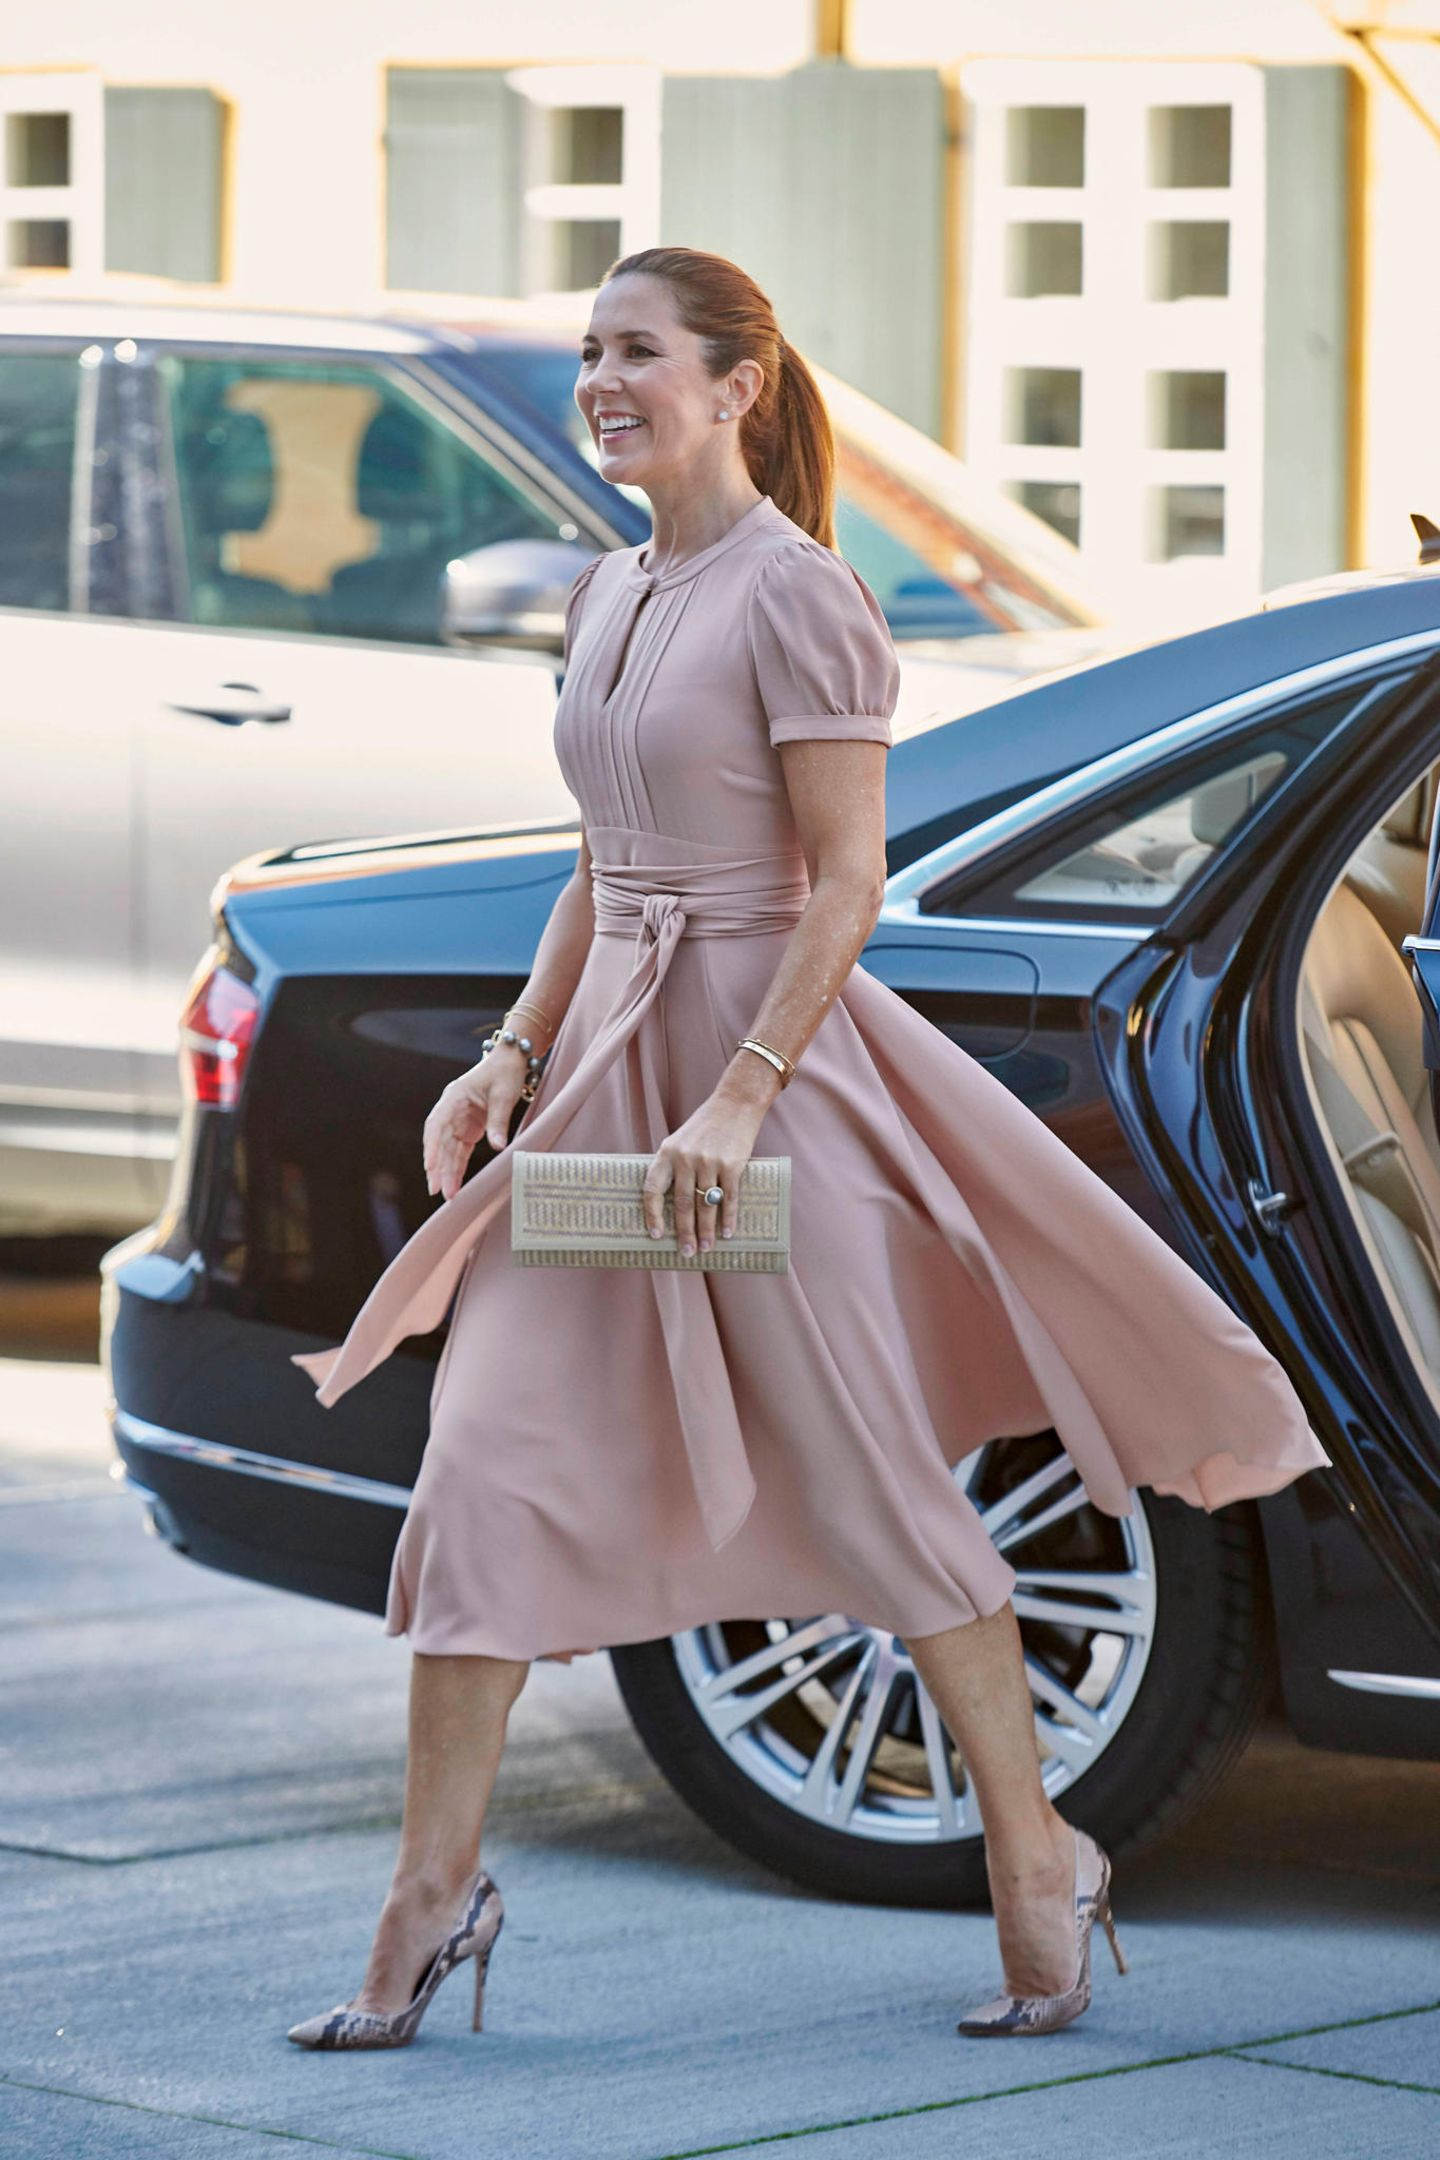 """Prinzessin Mary legt beim Gipfel""""The BLOX - BUILD BACK BETTER"""" in Kopenhagen einen filmreifen Auftritt hin. Das liegt natürlich zum einen an ihrem wunderschönen Designerkleid von Marc Jacobs, zu dem sie einen Armreif von Cartier und ein Perlenarmband von Dulong kombiniert. Zum anderen aber auch ..."""